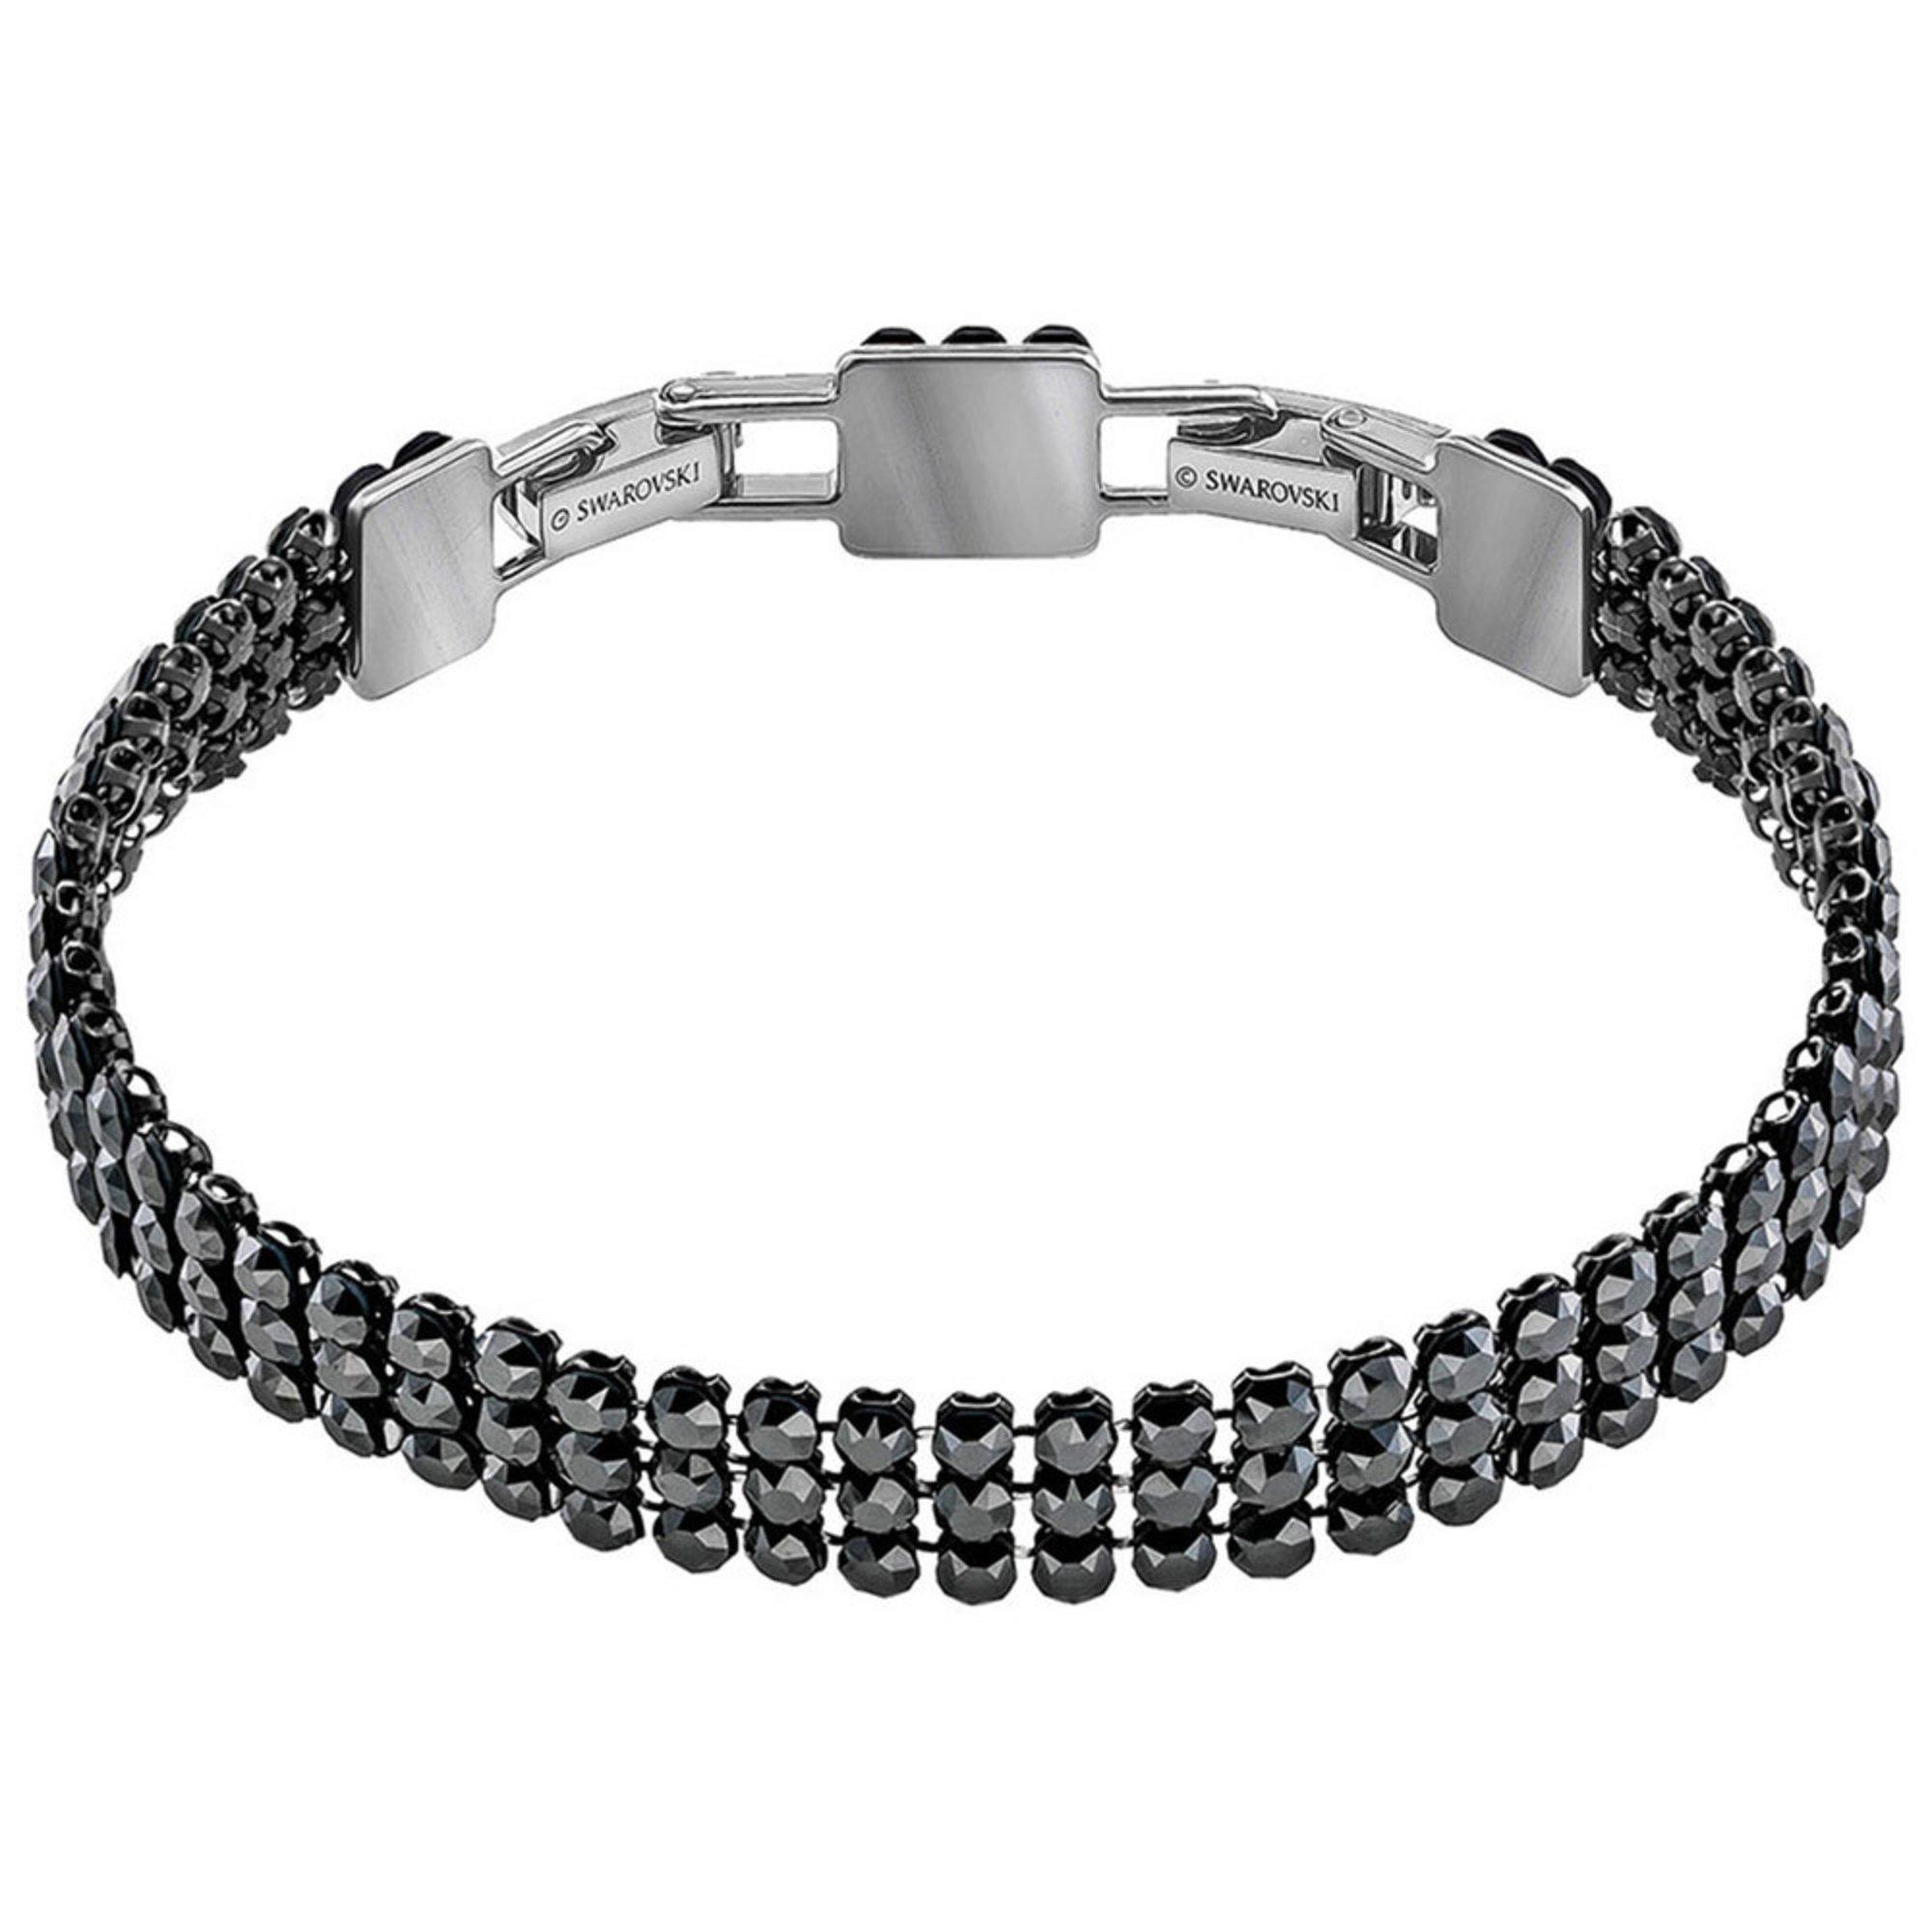 Swarovski Fit Refresh Bracelet (White) Bracelet 9uyMPkQ8